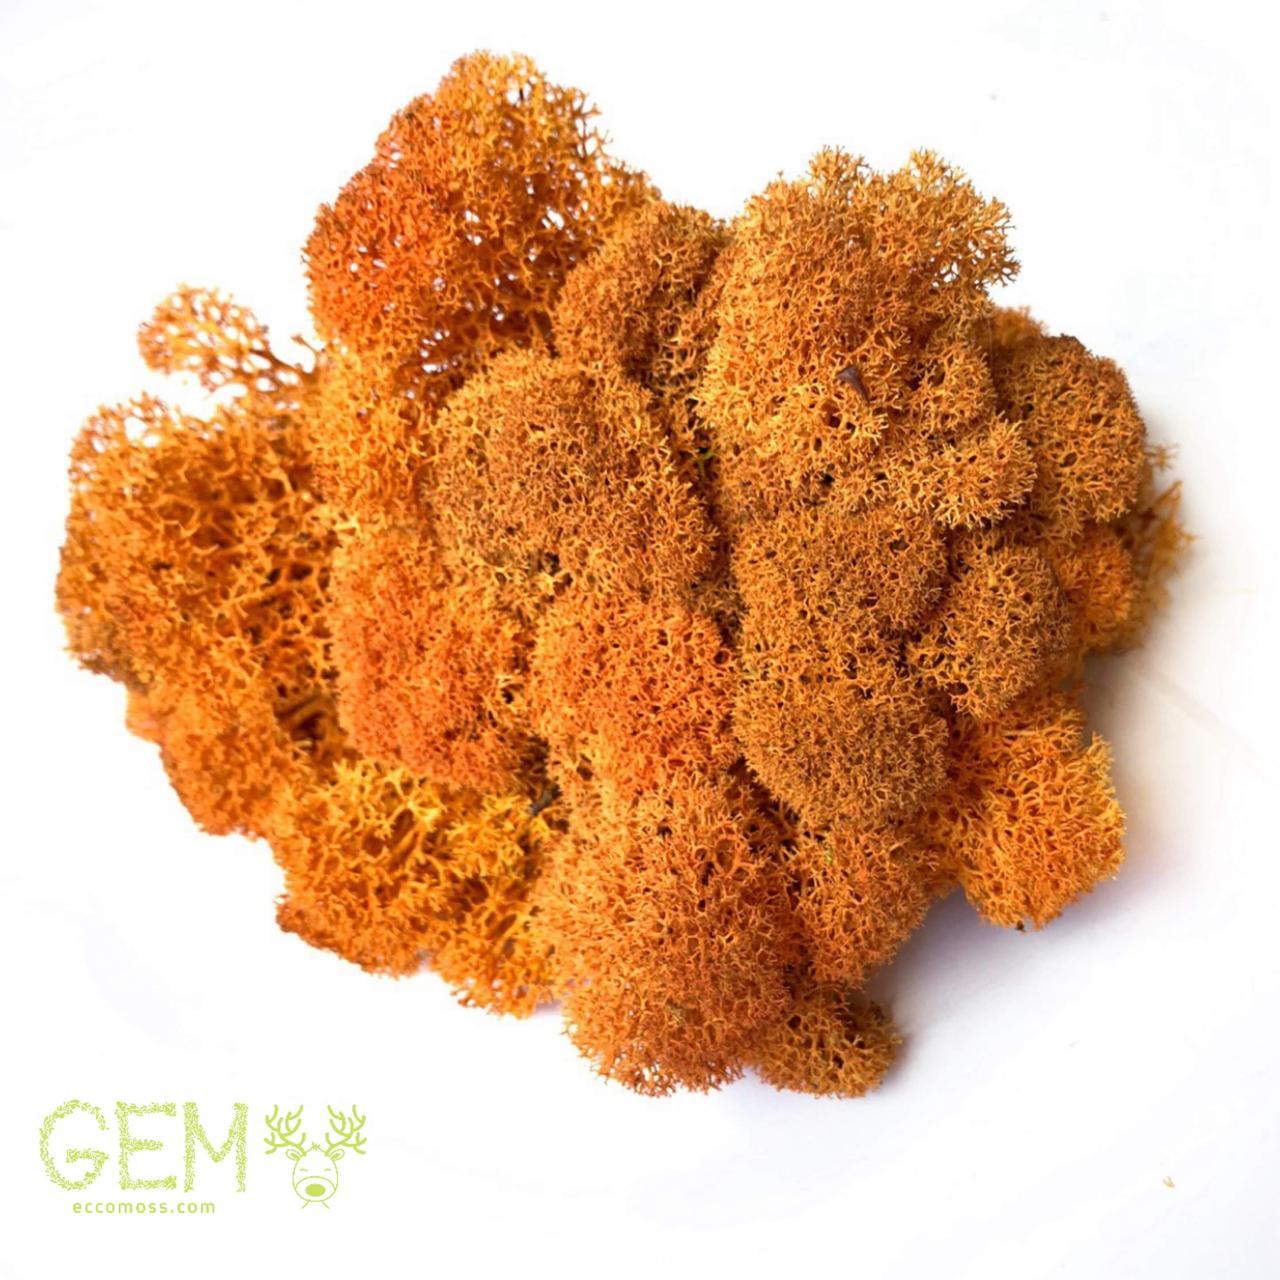 Очищений стабилизированный мох  Green Ecco Moss cкандинавский ягель оранжевый 1 кг